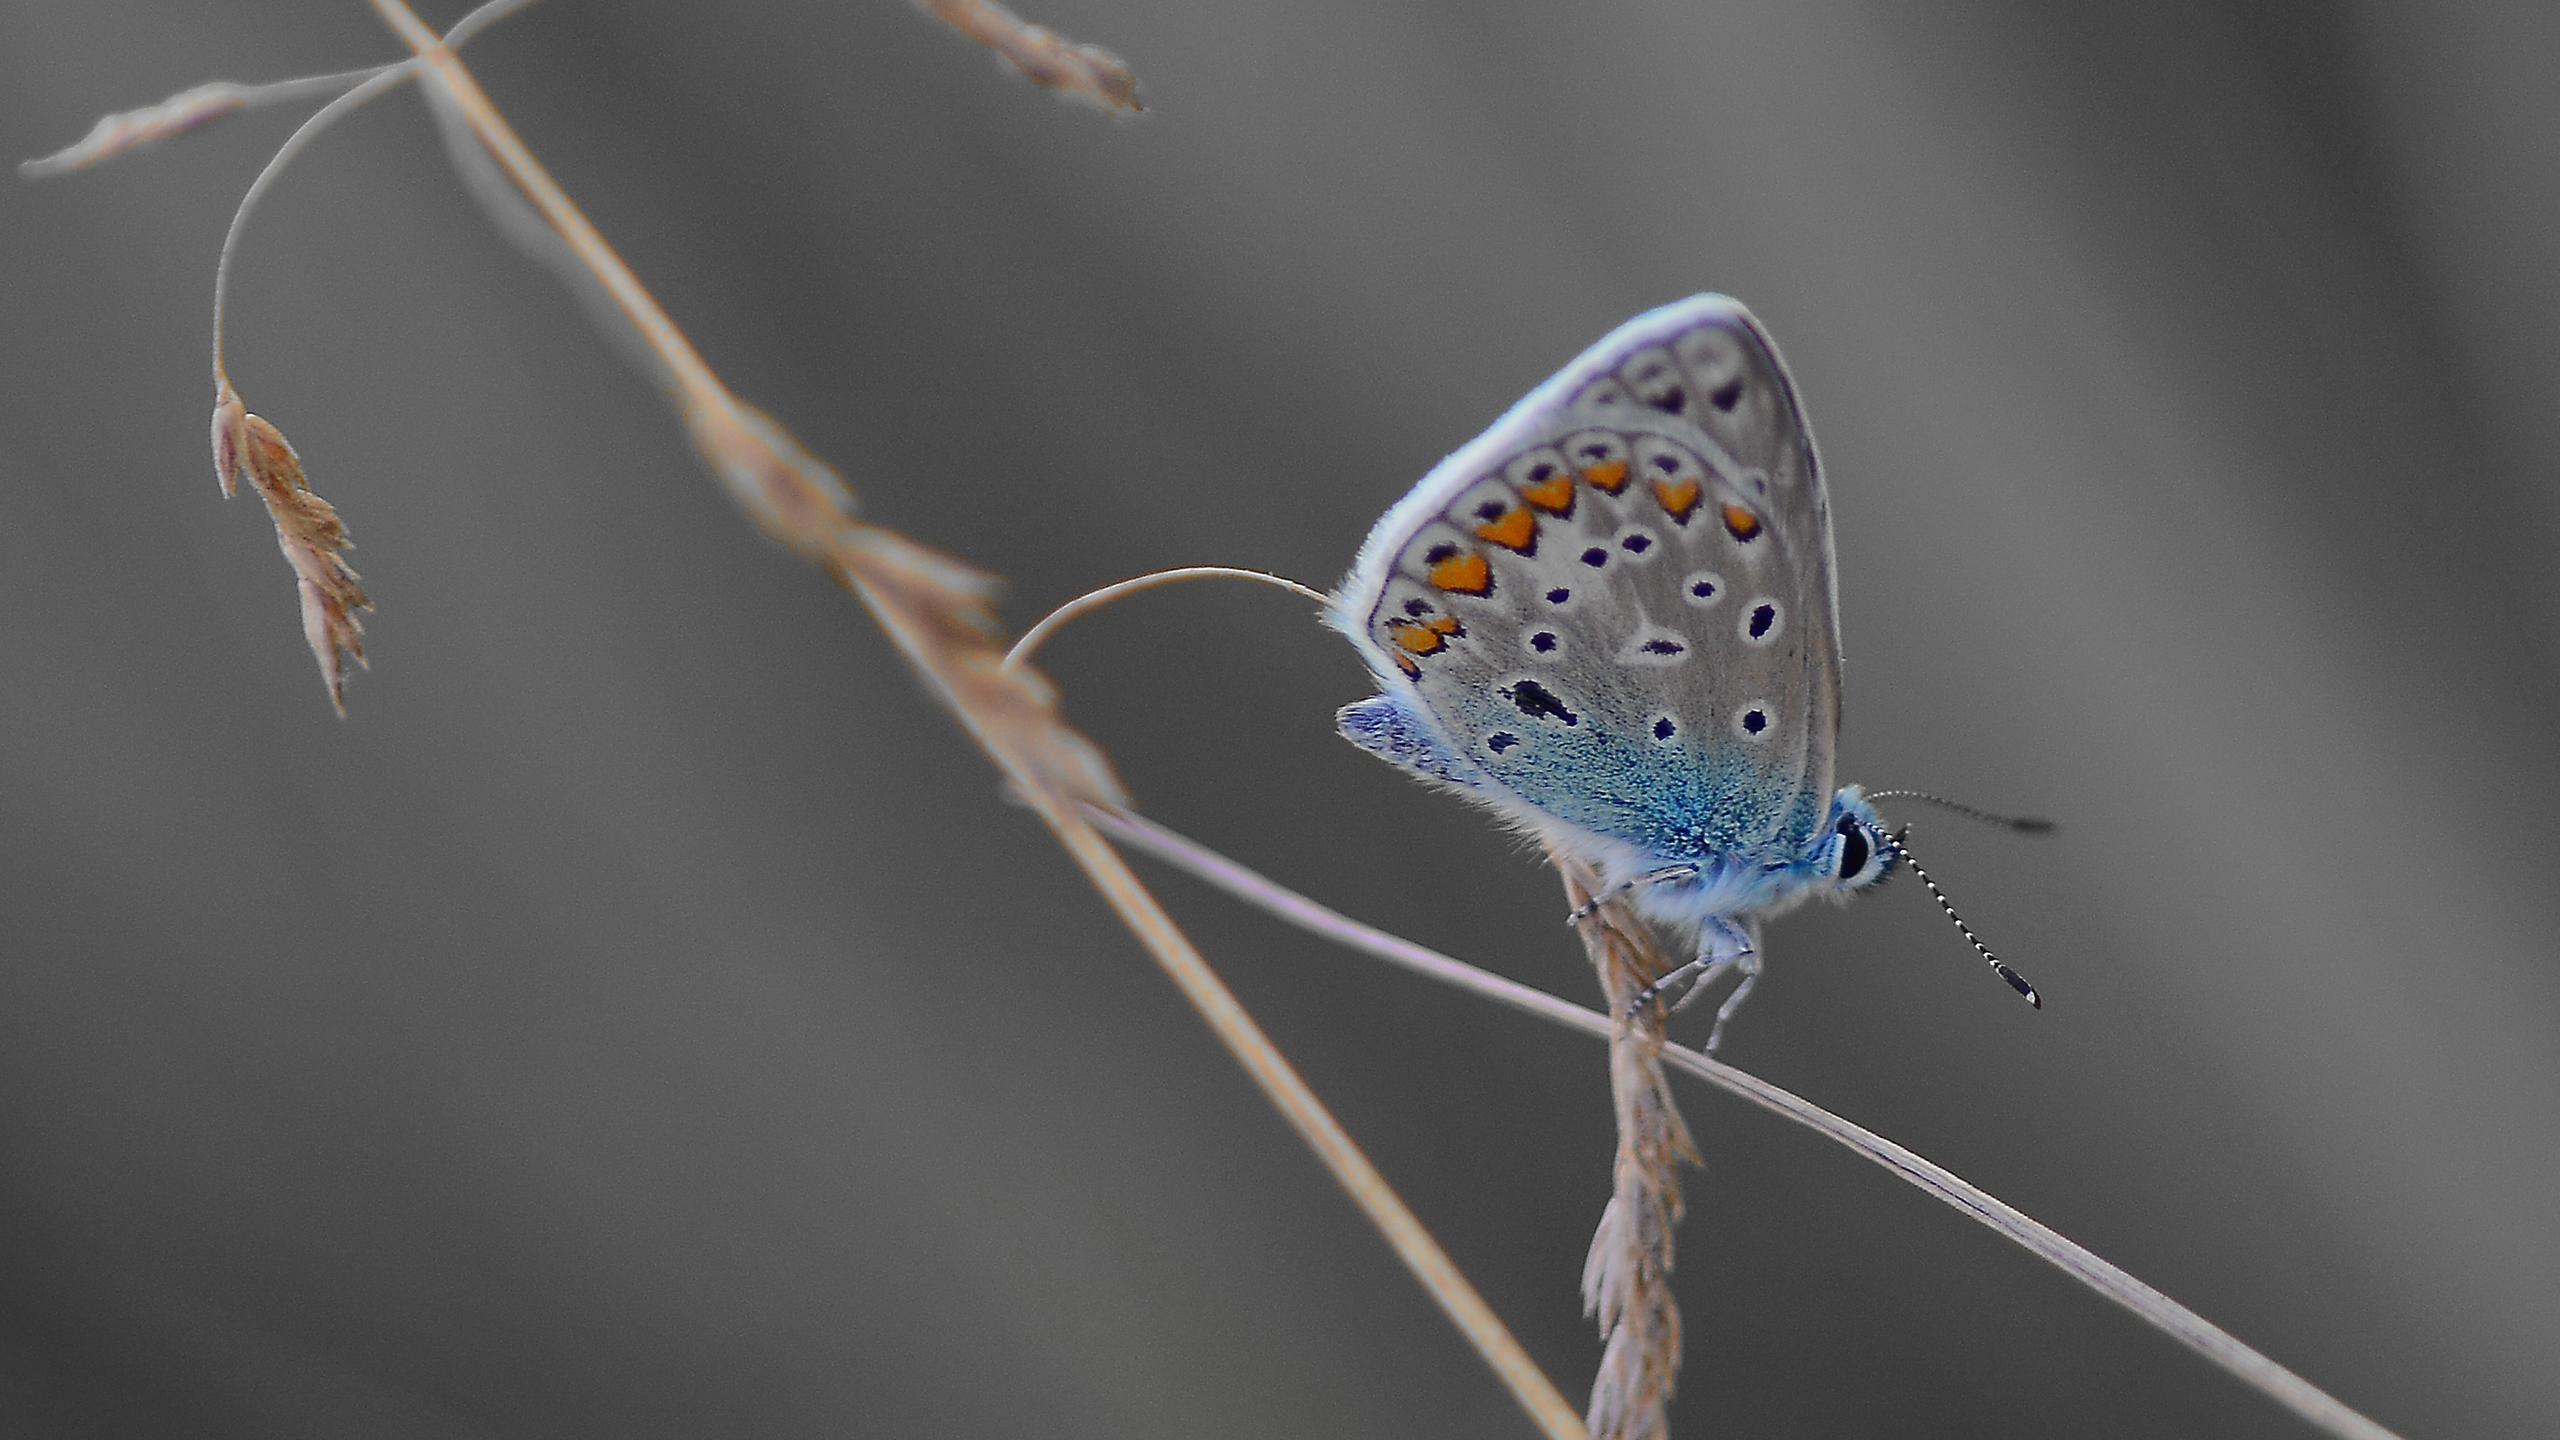 萌宠动物,野生动物,花蝴蝶